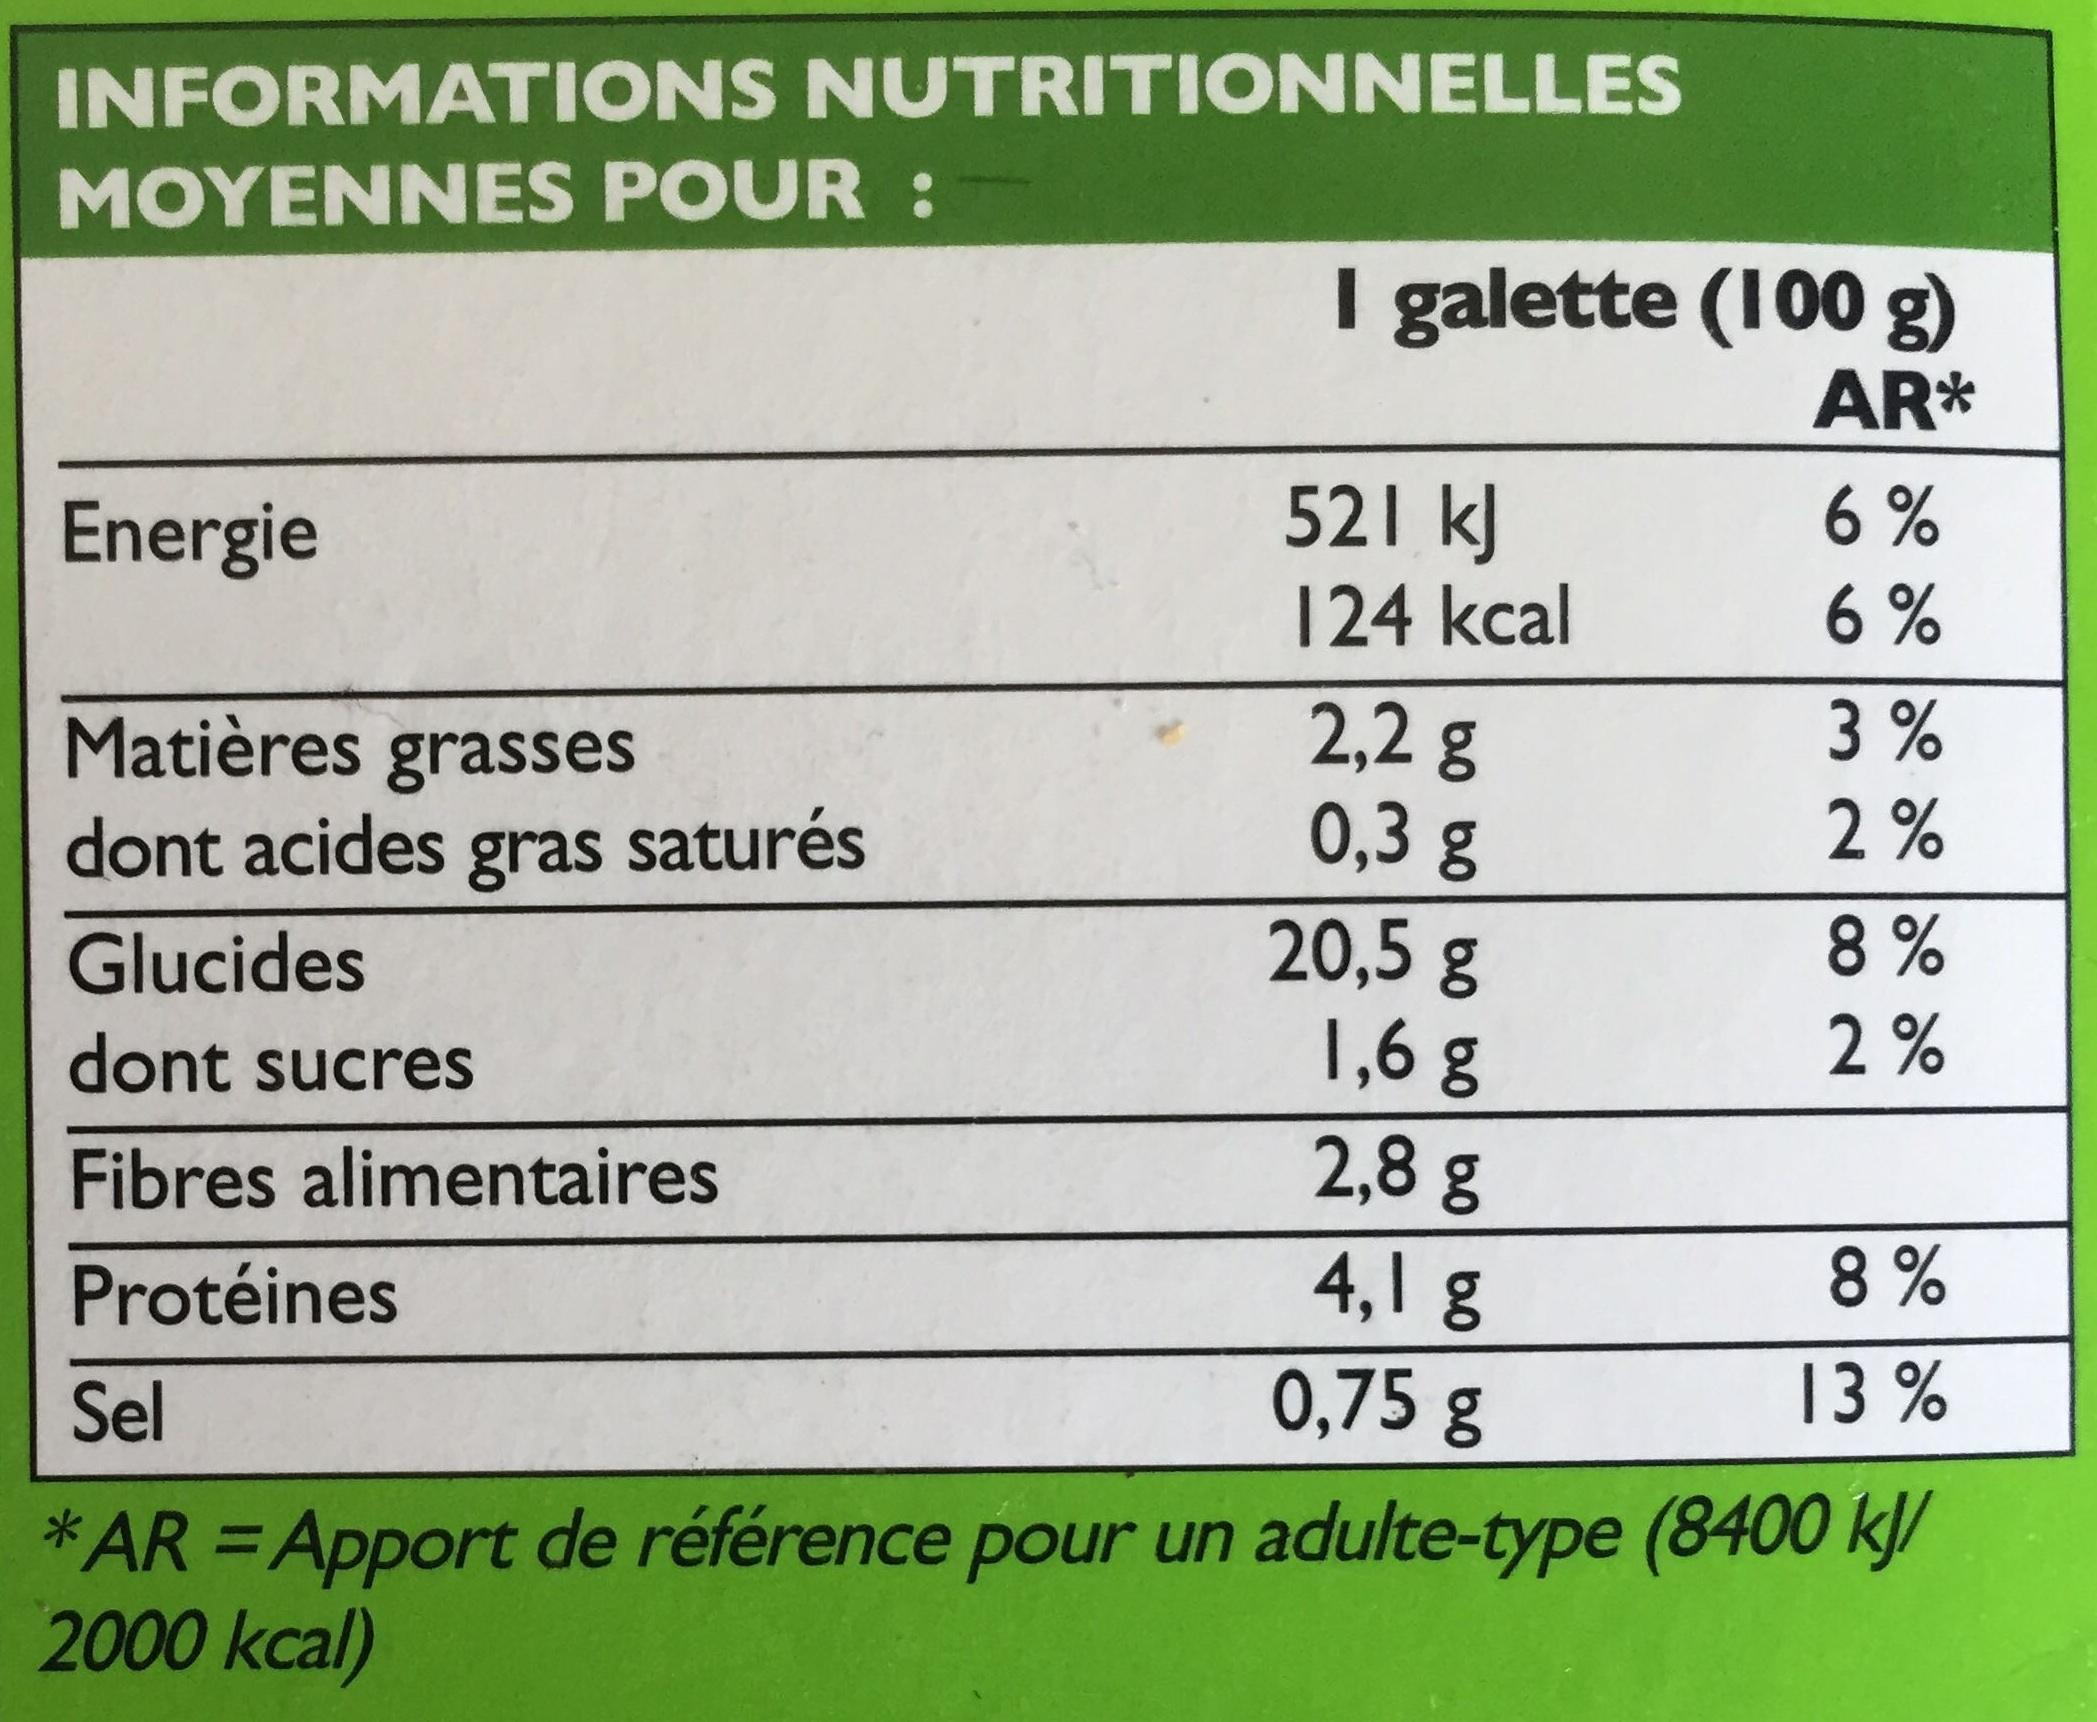 2 Galettes de Céréales à la Provencale - Informations nutritionnelles